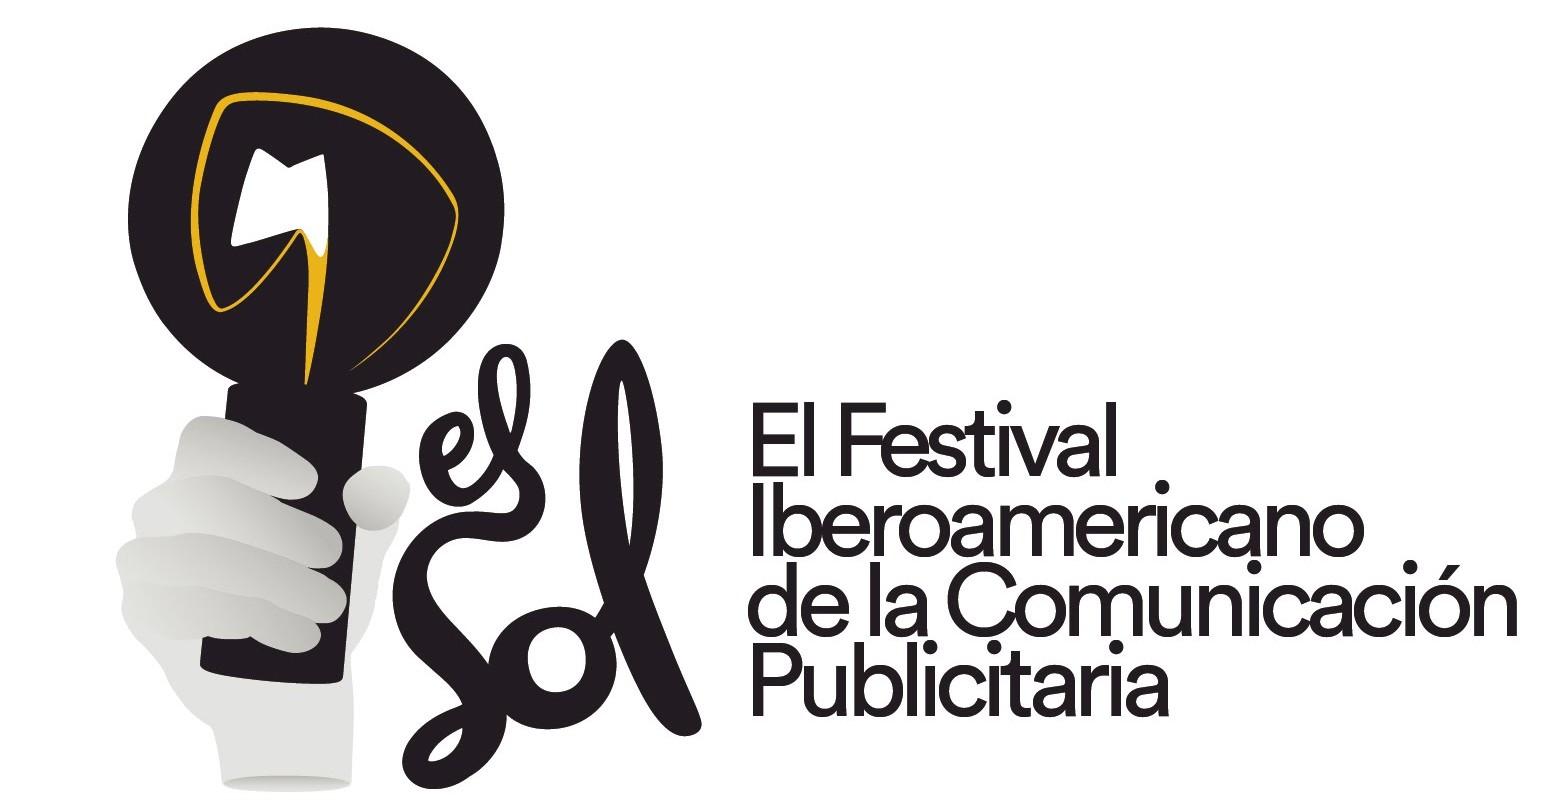 Todos los grandes premios del festival El Sol 2015